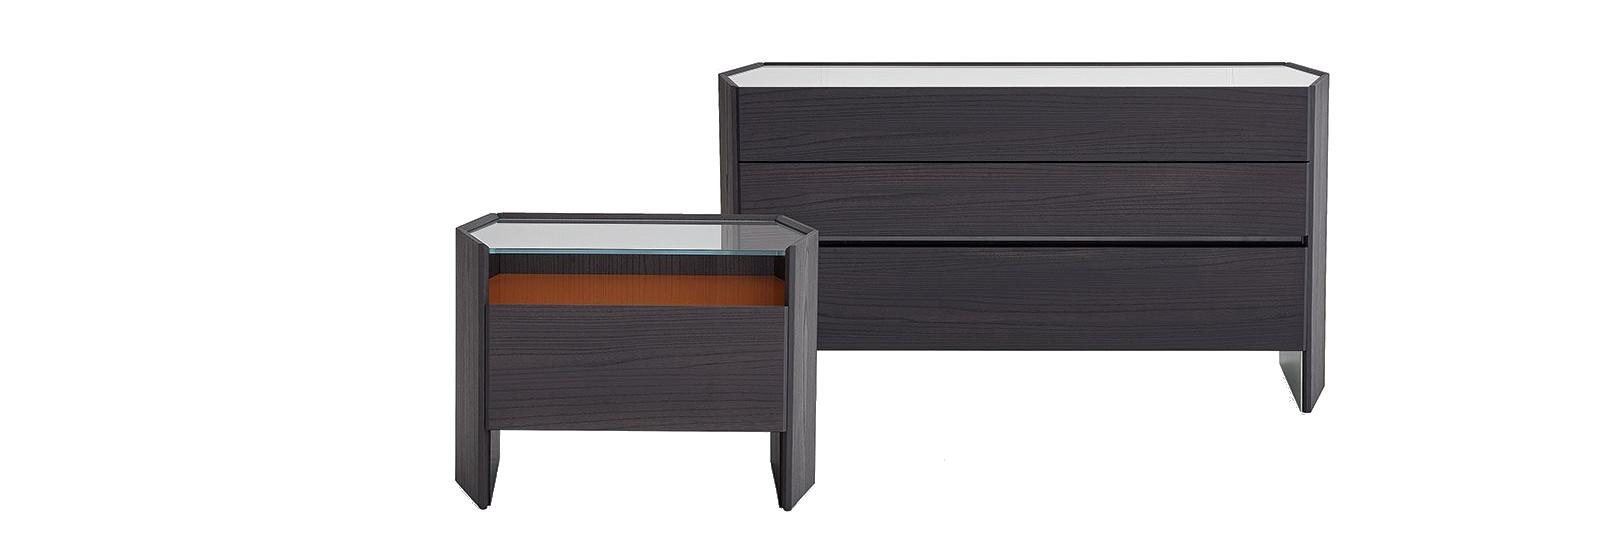 Table De Chevet Componibili commodes et tables de chevet design | mohd shop